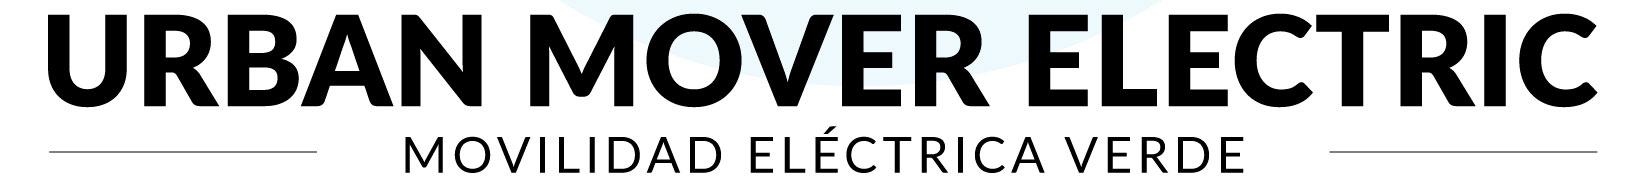 Venta y reparación de Patinetes Eléctricos - Urban Mover Electric